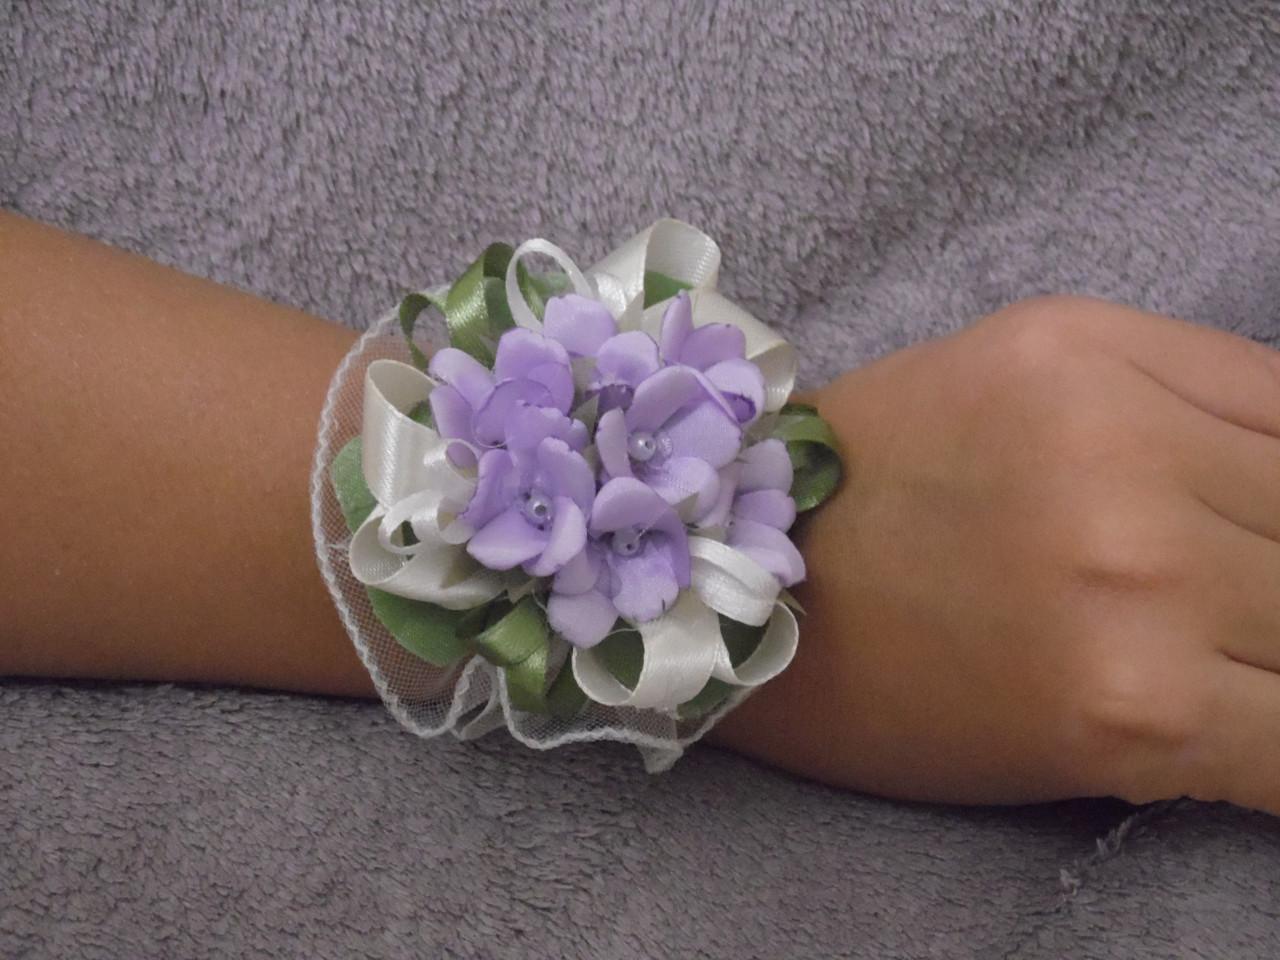 Бутоньєрка на руку бузкова (квітковий браслет)